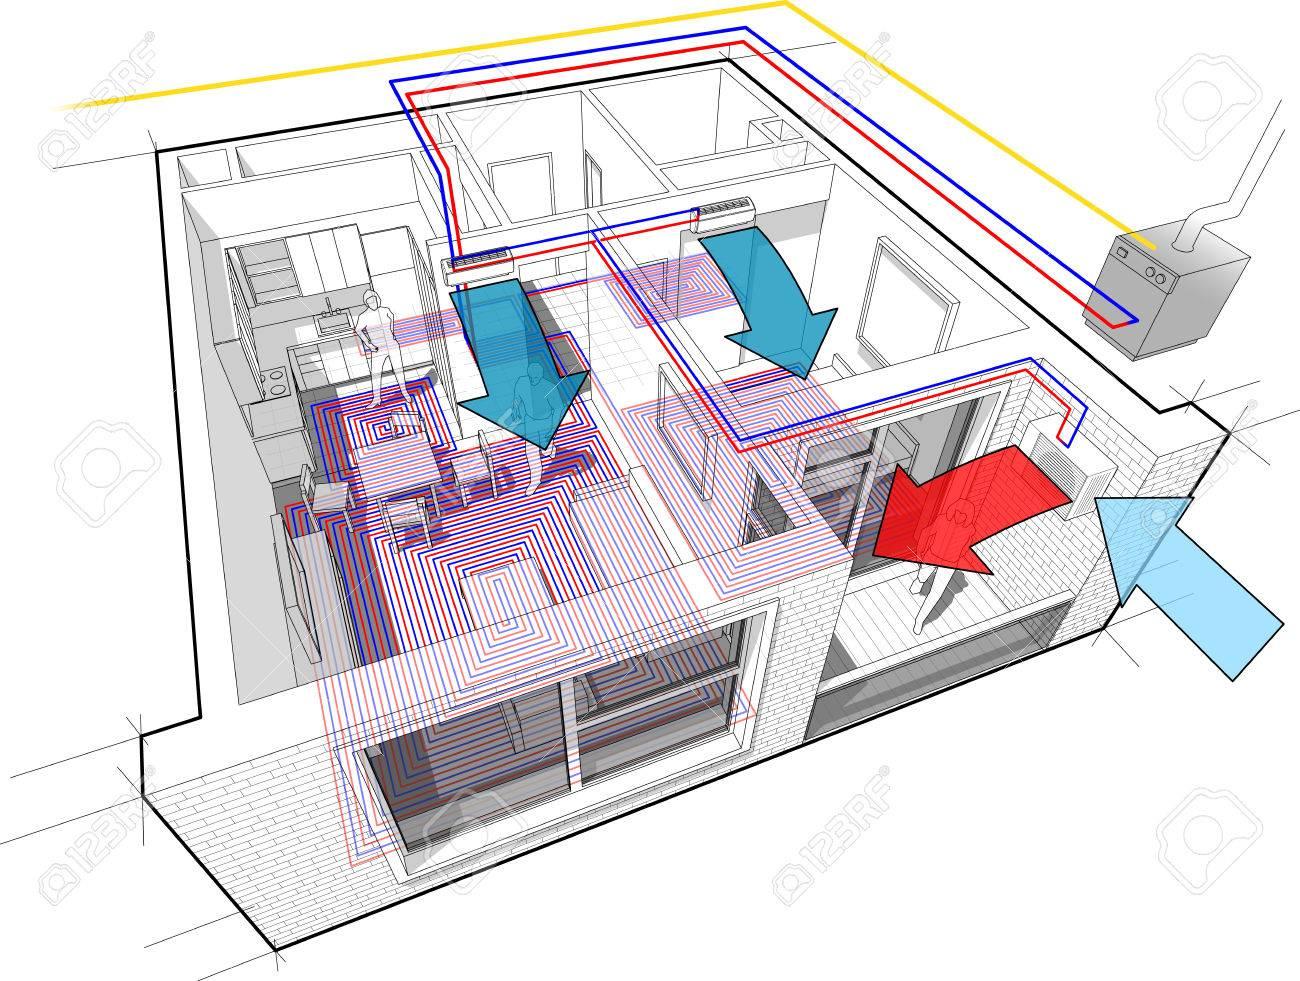 Perspektive Cutaway Diagramm Eines Ein-Zimmer-Wohnung Komplett Mit ...